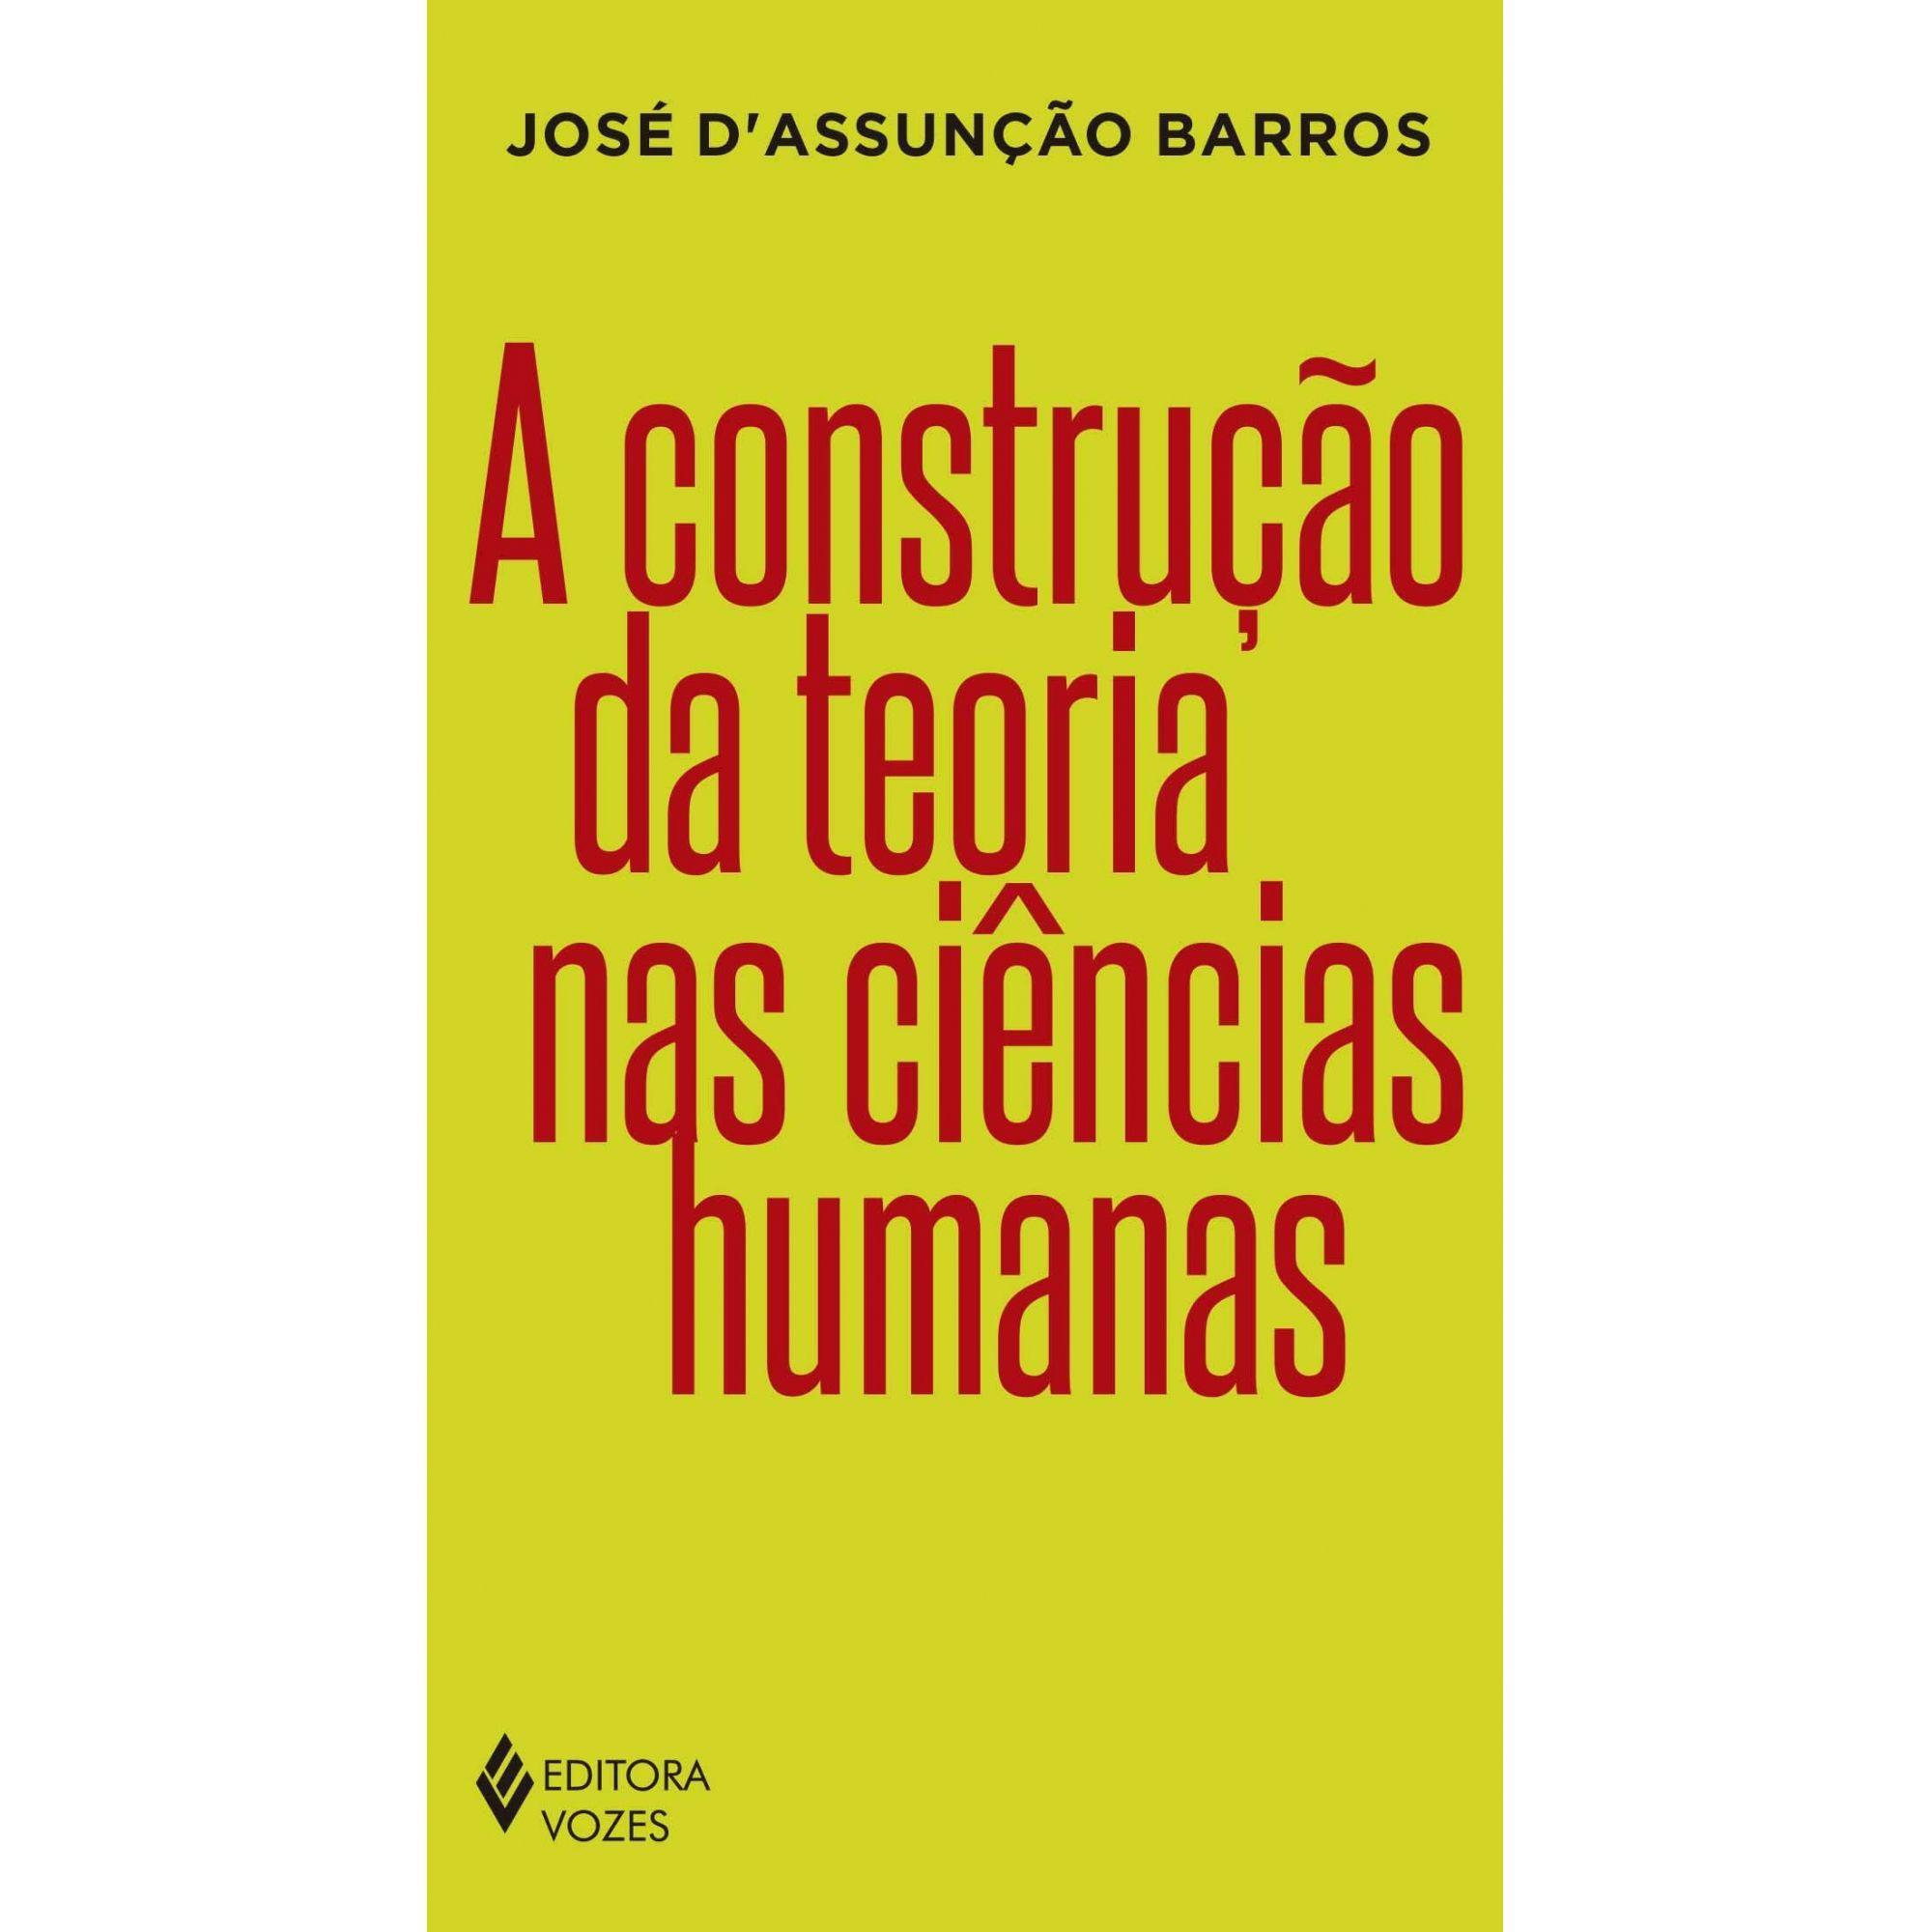 A Construção da teoria nas ciências humanas